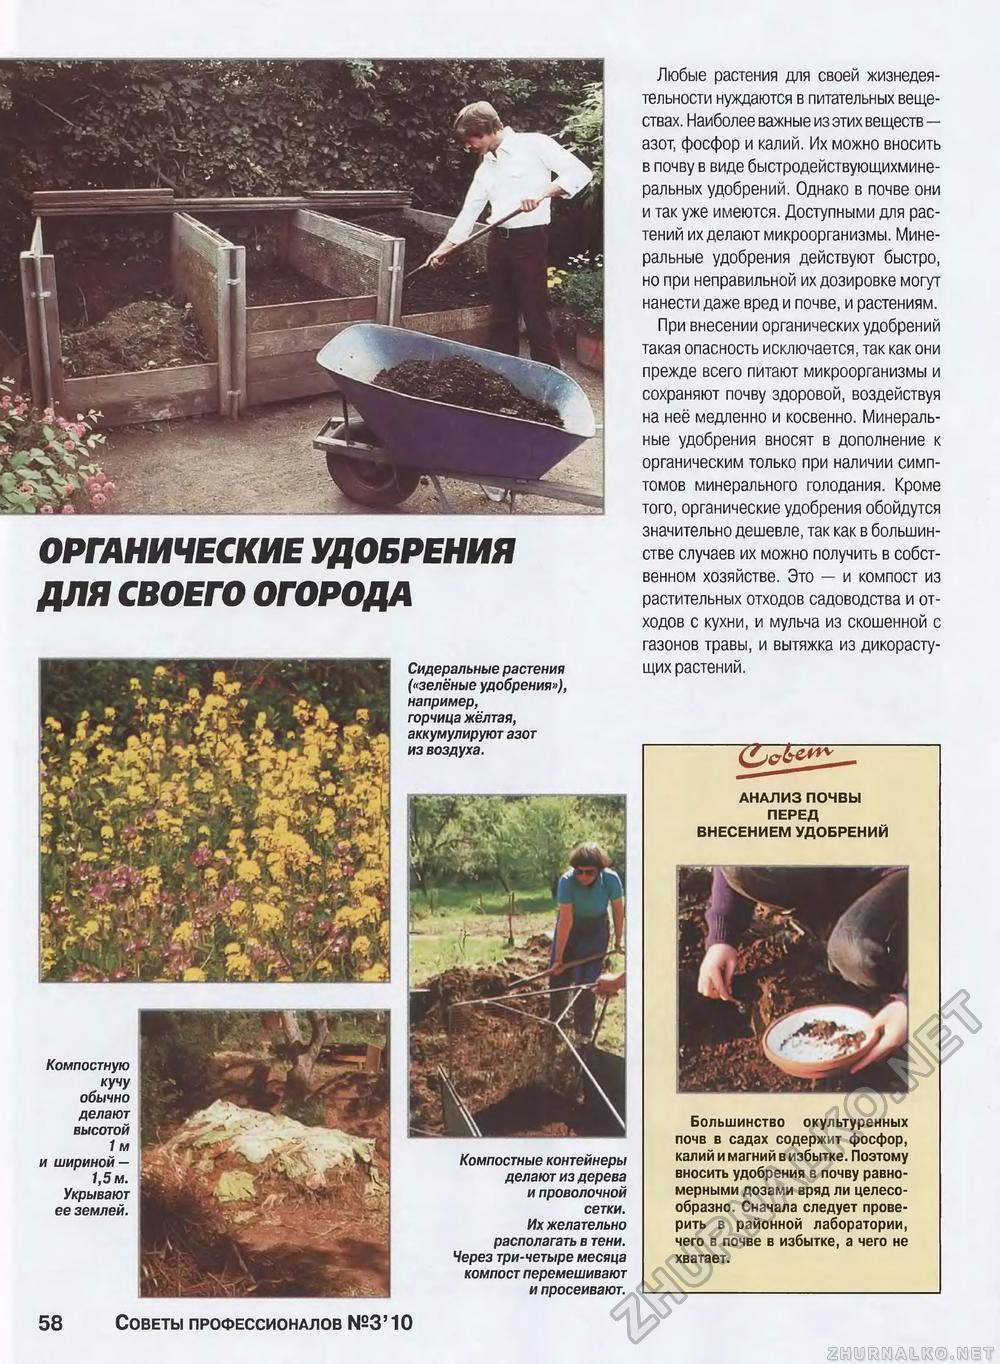 Органические удобрения как сделать